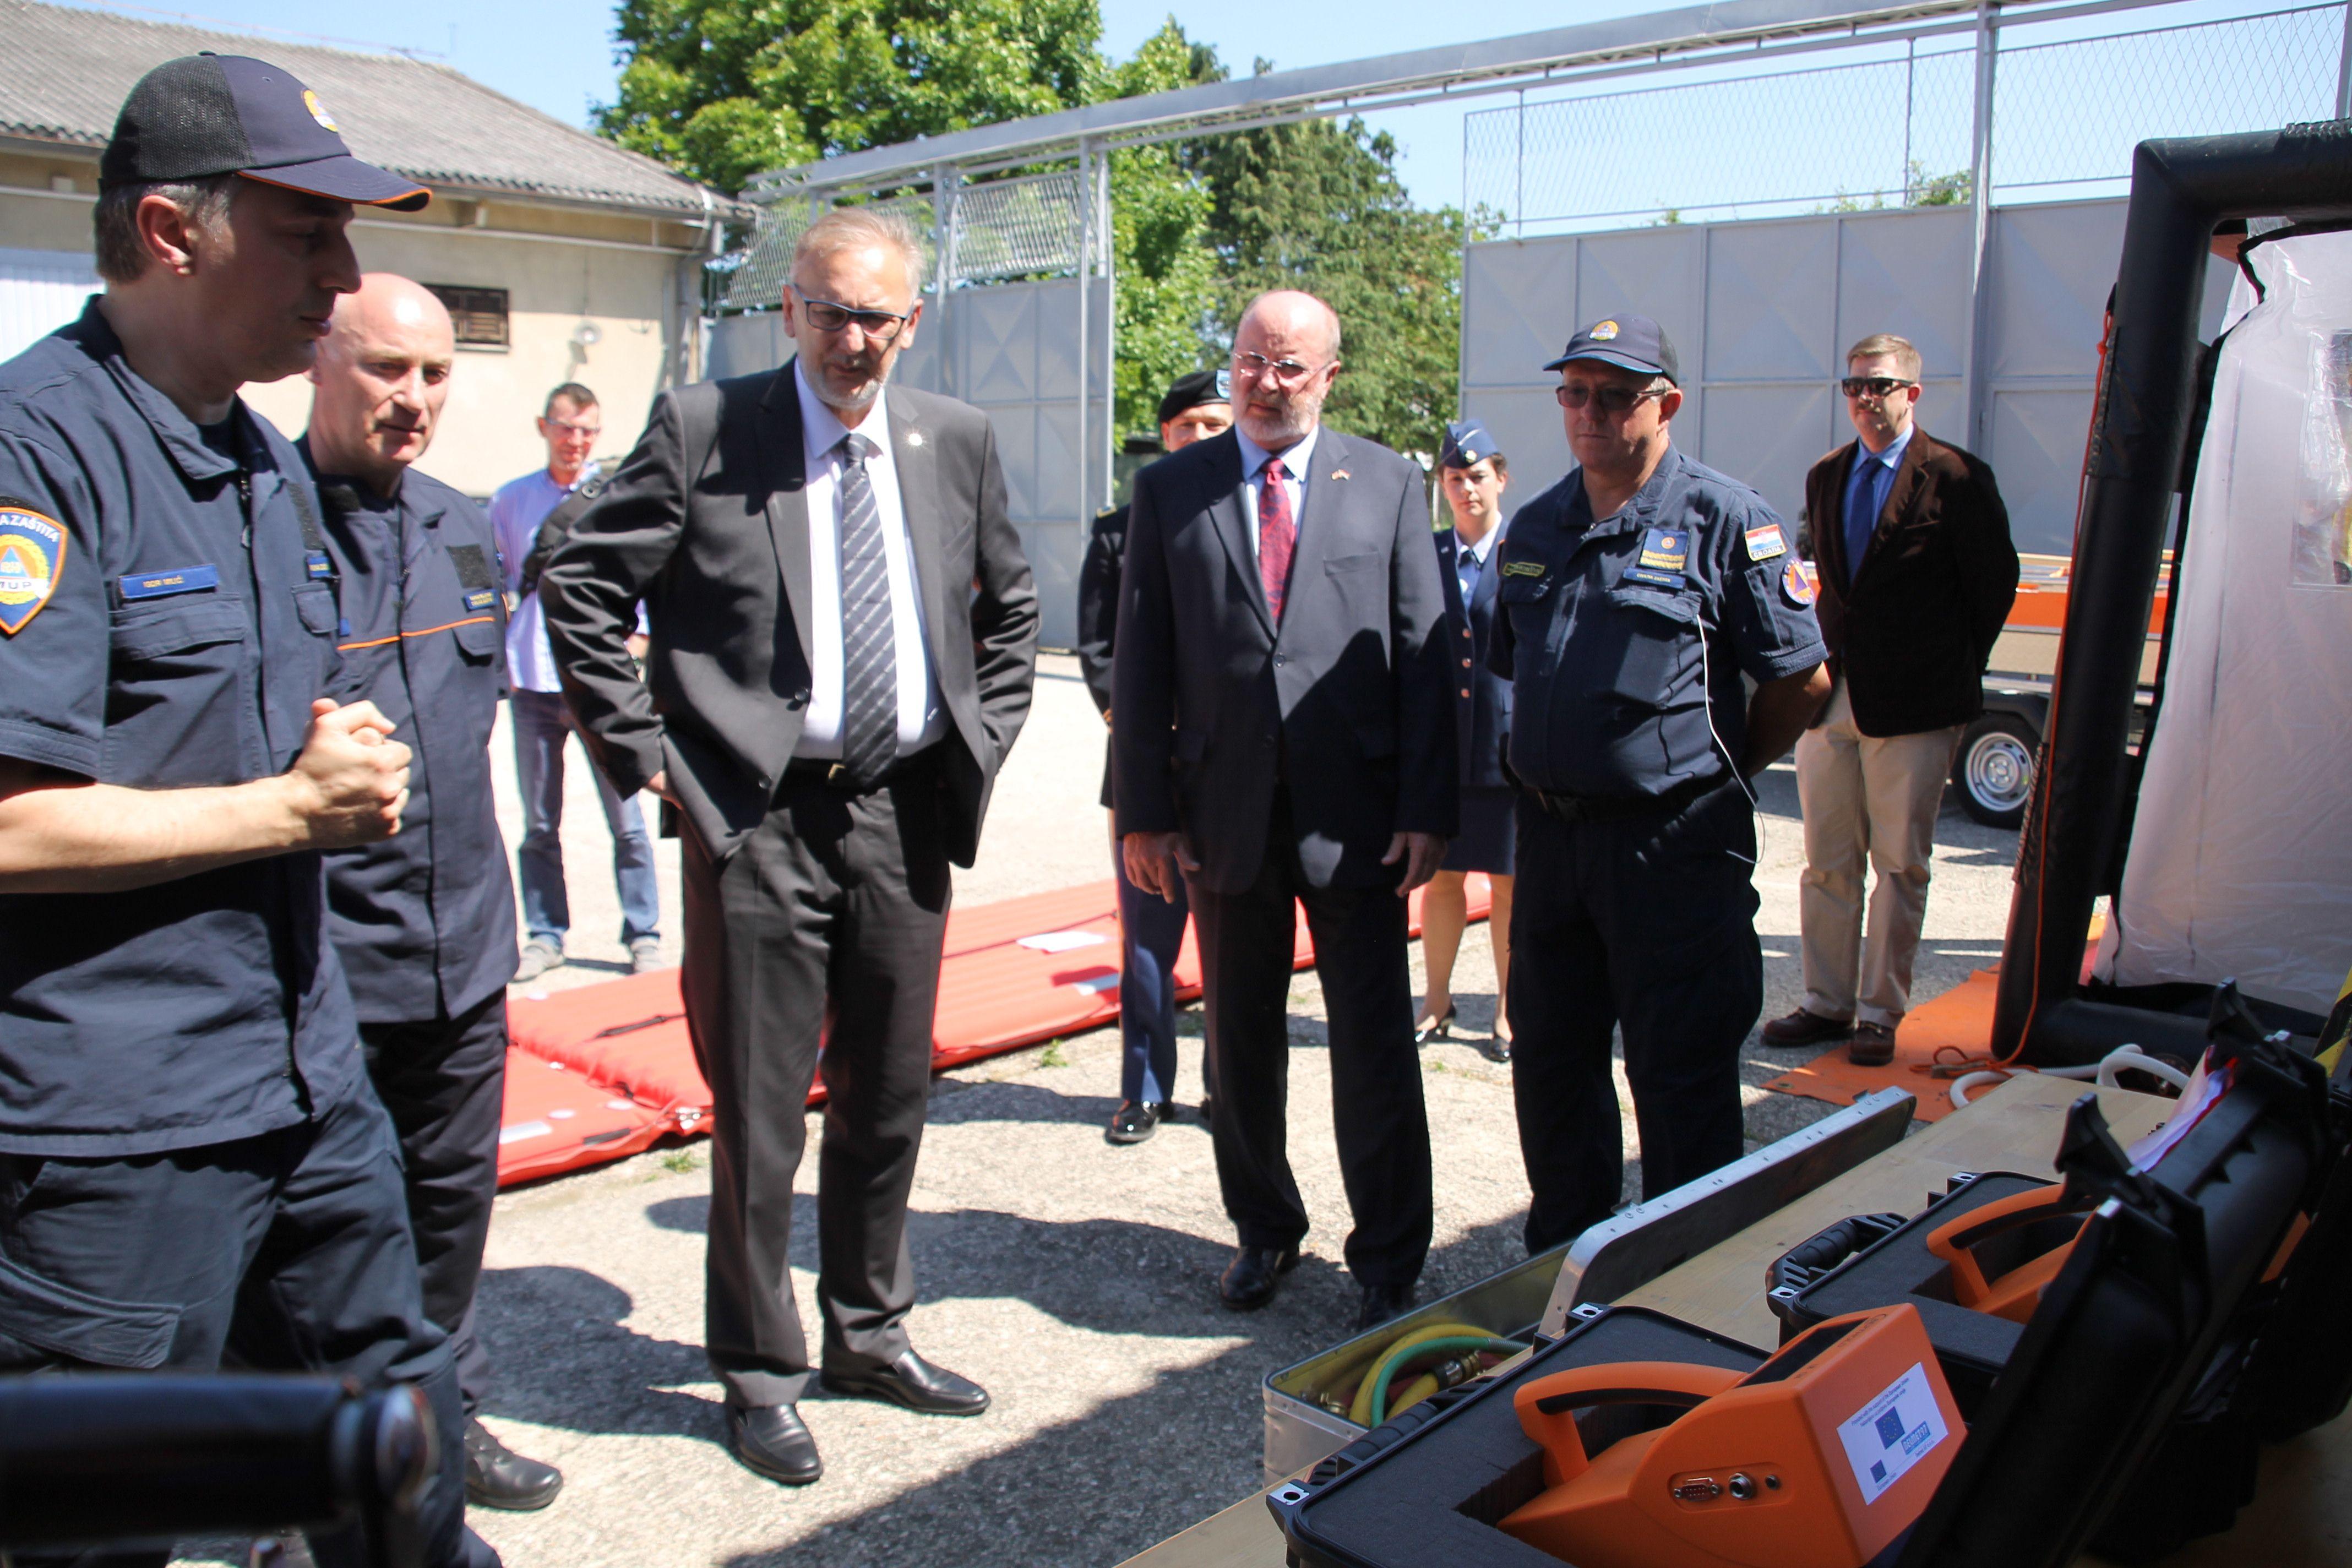 Američki veleposlanik donirao Ravnateljstvu civilne zaštite opremu za spašavanje vrijednu 170.000 dolara